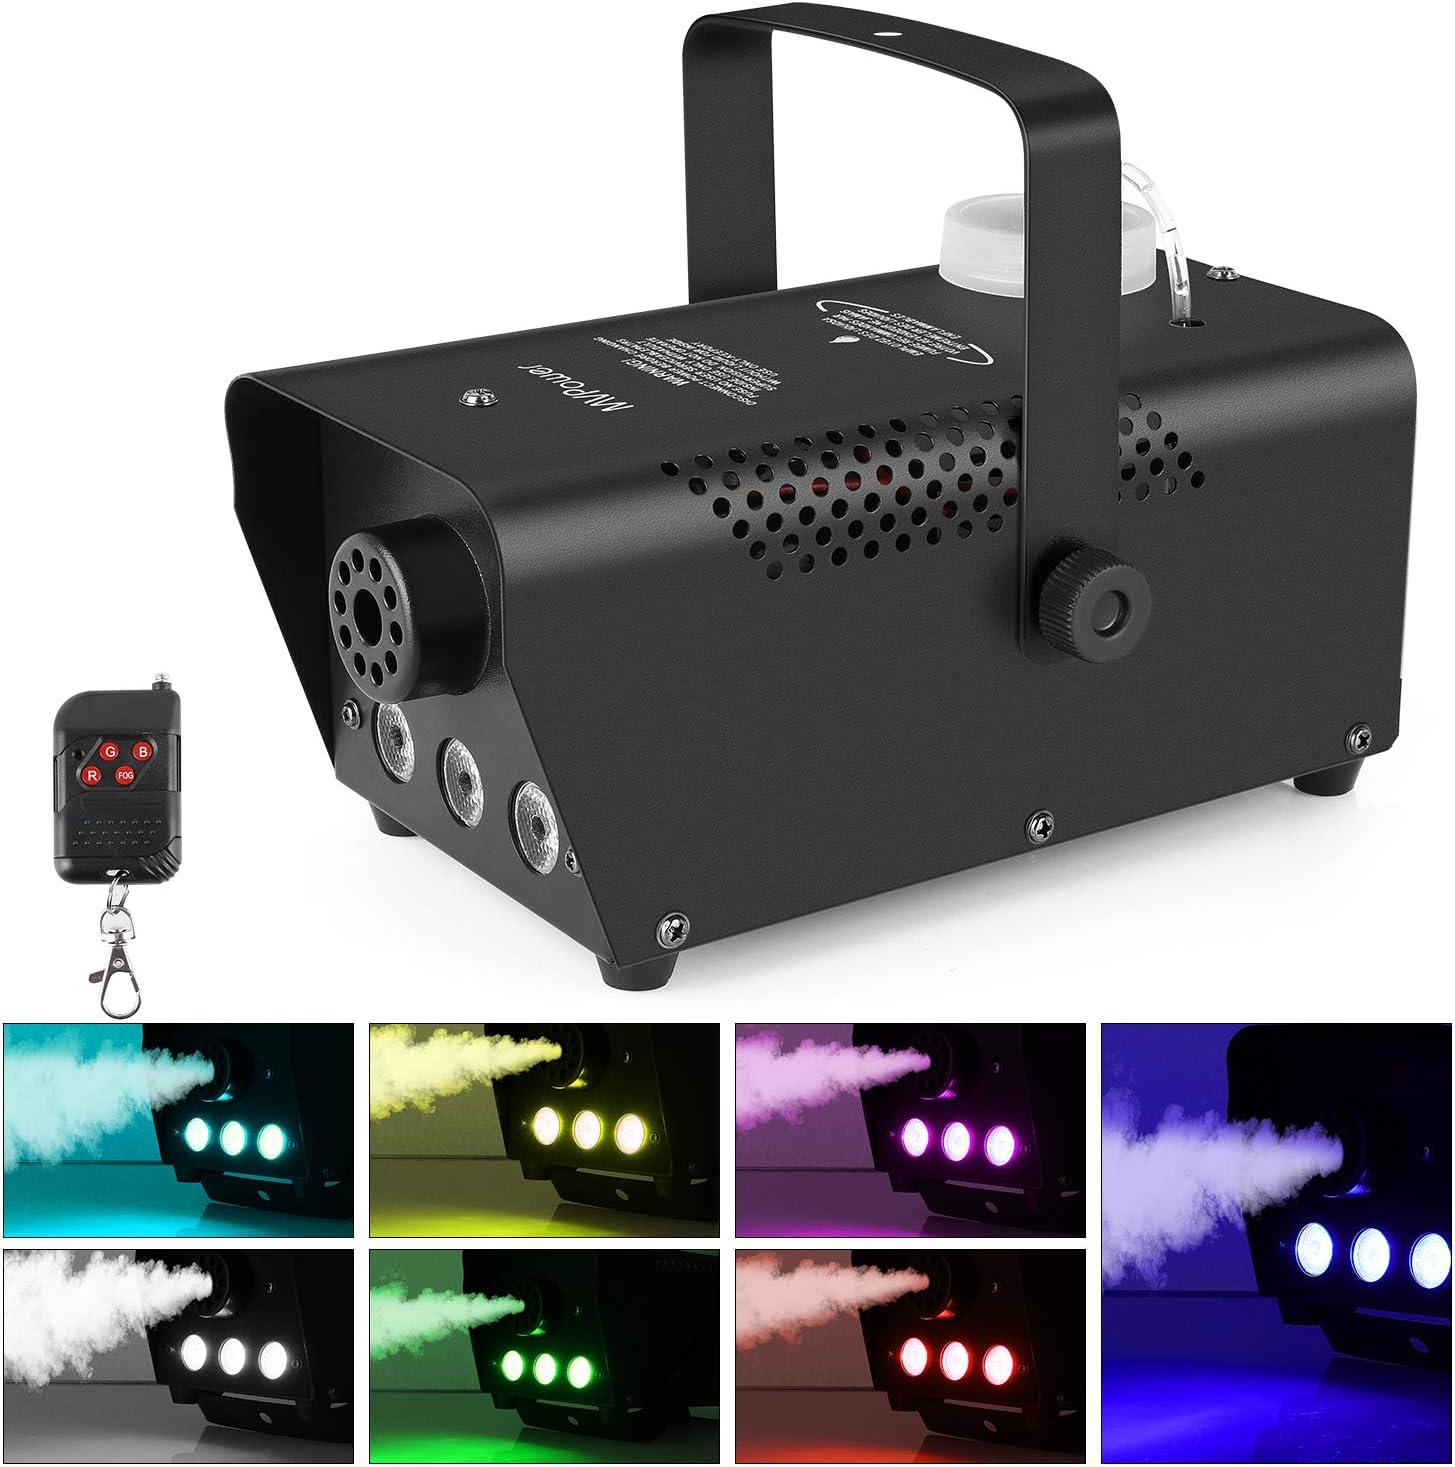 MVPOWER 500 W Mini Máquinas de Humo , Máquinas de Humo con Control Remoto [nalámbrico y Lulz de Colores, Máquina de Humo para Fiestas, Bodas, Fiestas en el Teatro y Efectos de DJ de Club, 350 ml